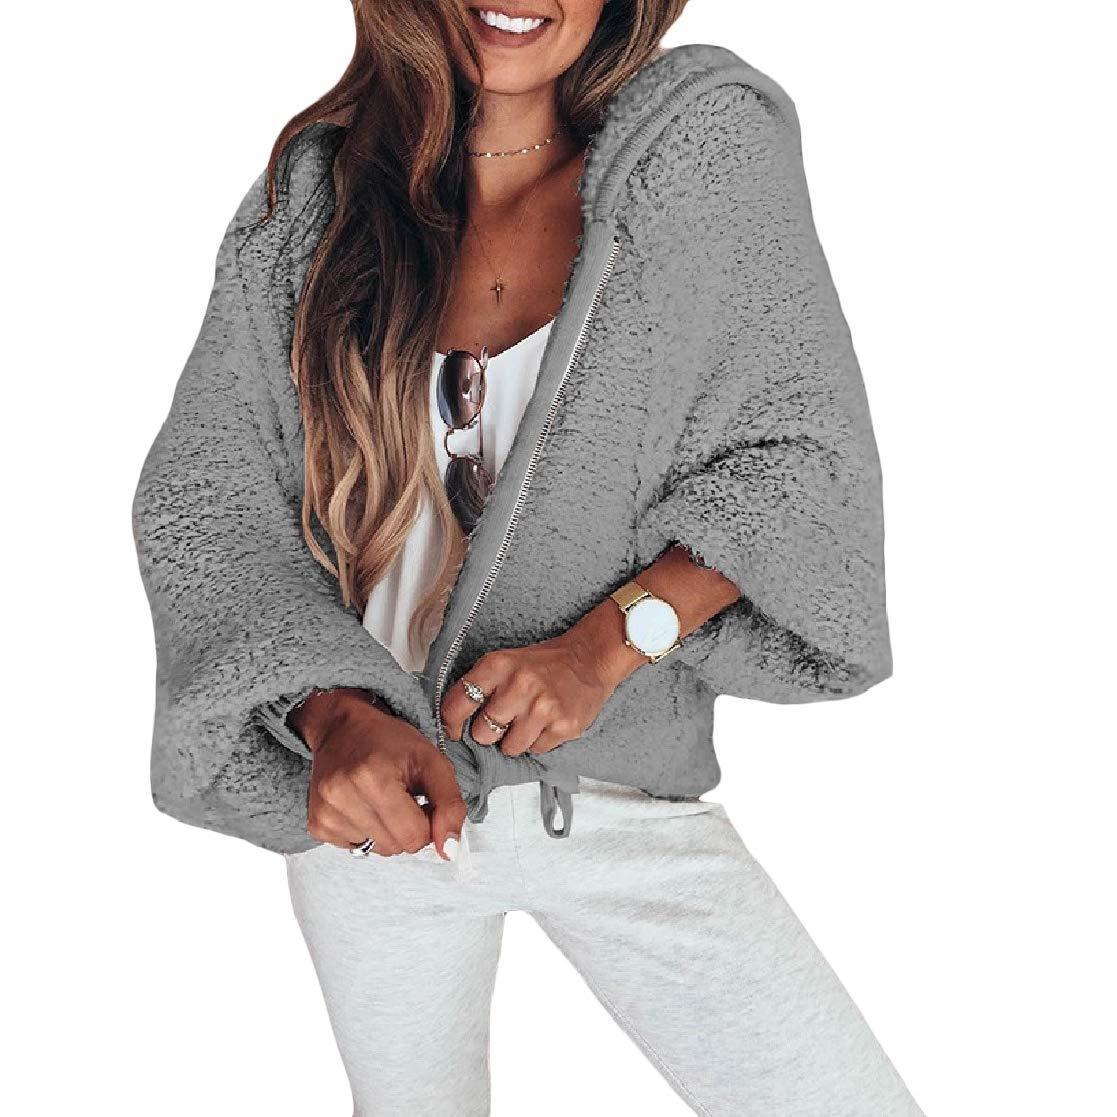 YUNY Womens Solid Velvet Hood Leisure Fashion Zip Open-Front Outwear Jacket Light Grey XS